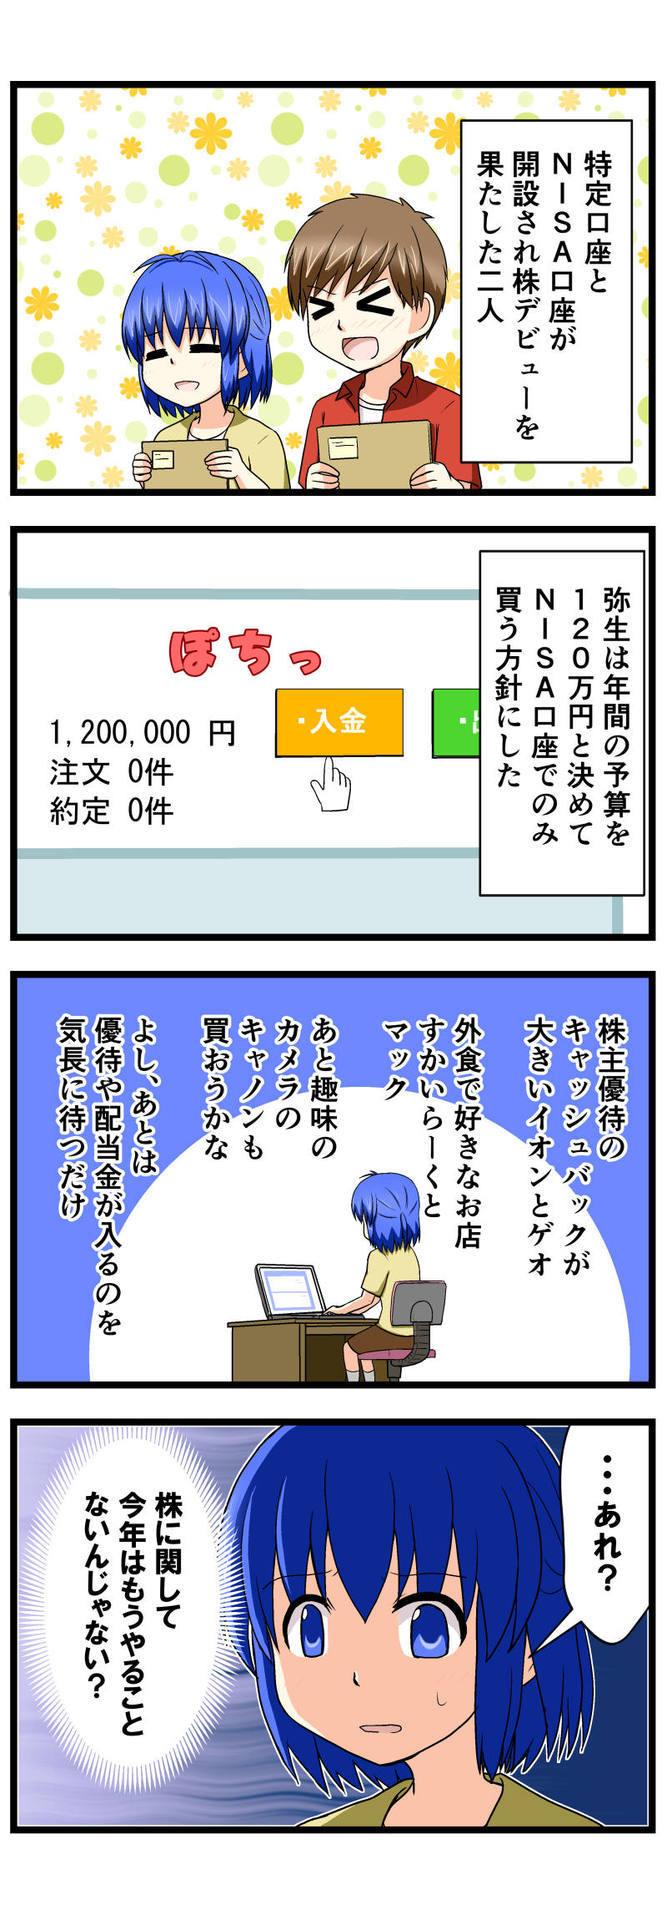 萌える株セミナー35.jpg